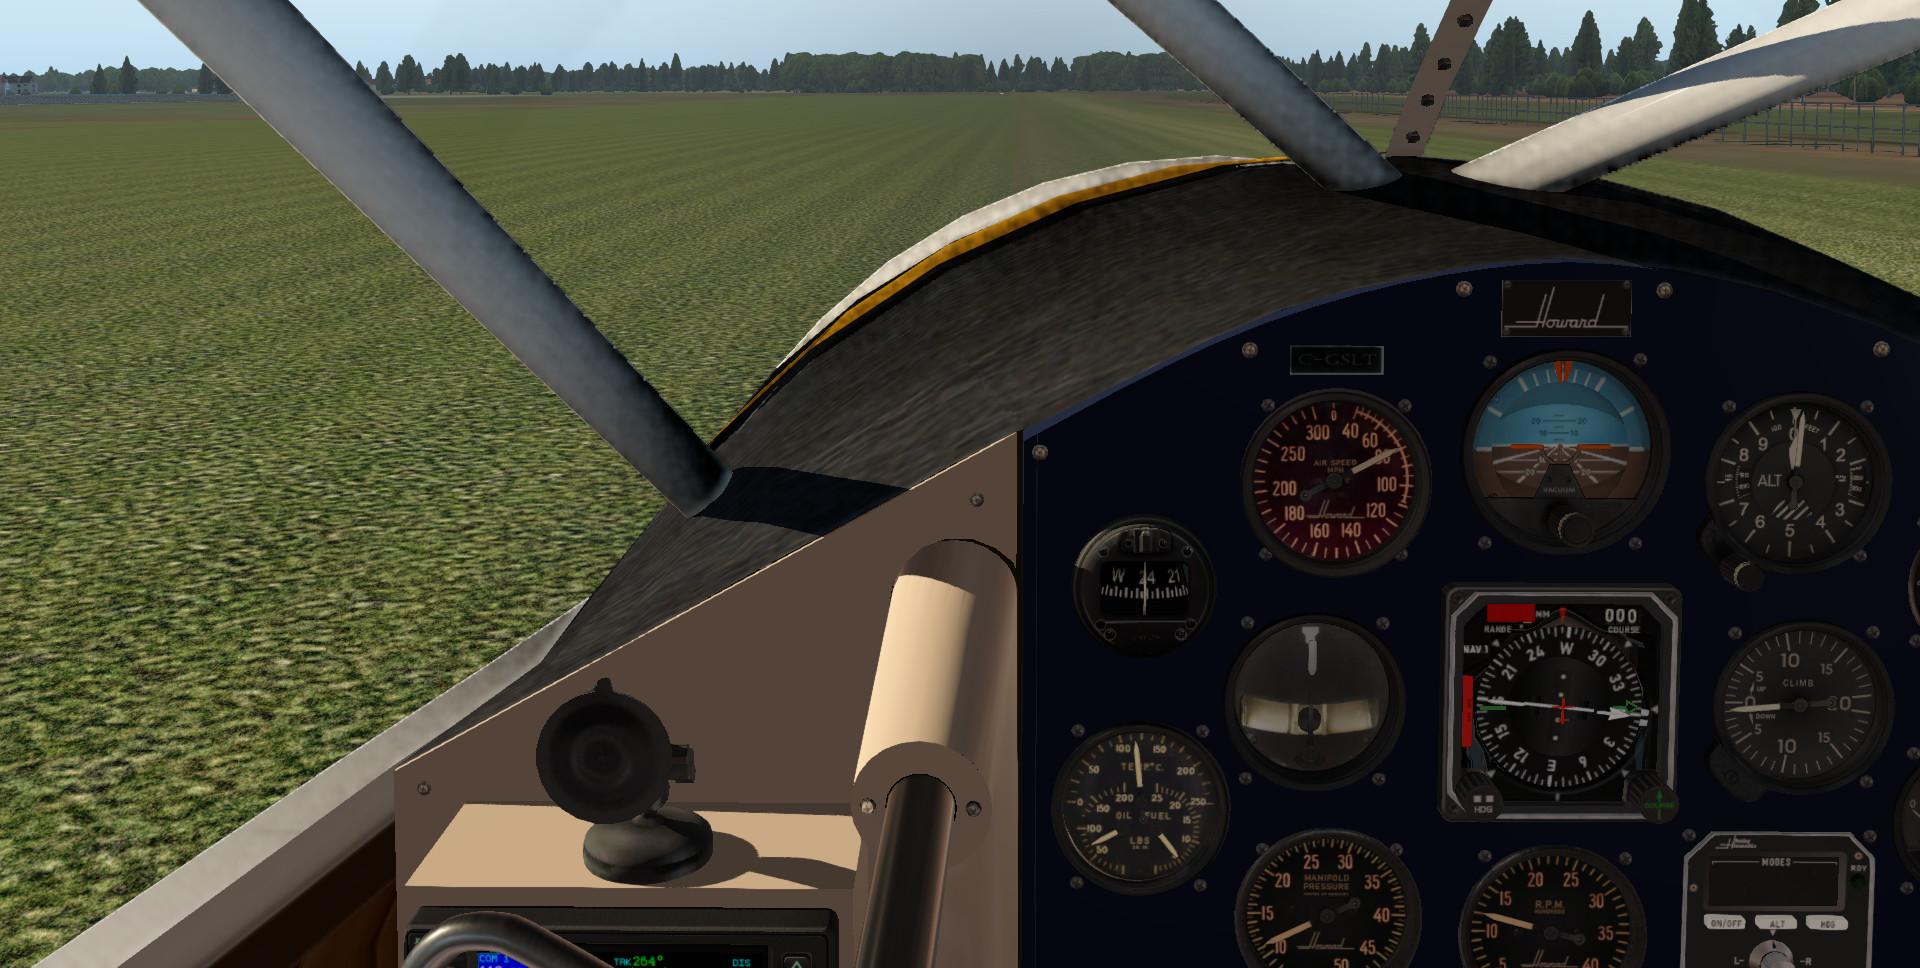 nordseerundflug-027zgkzo.jpg